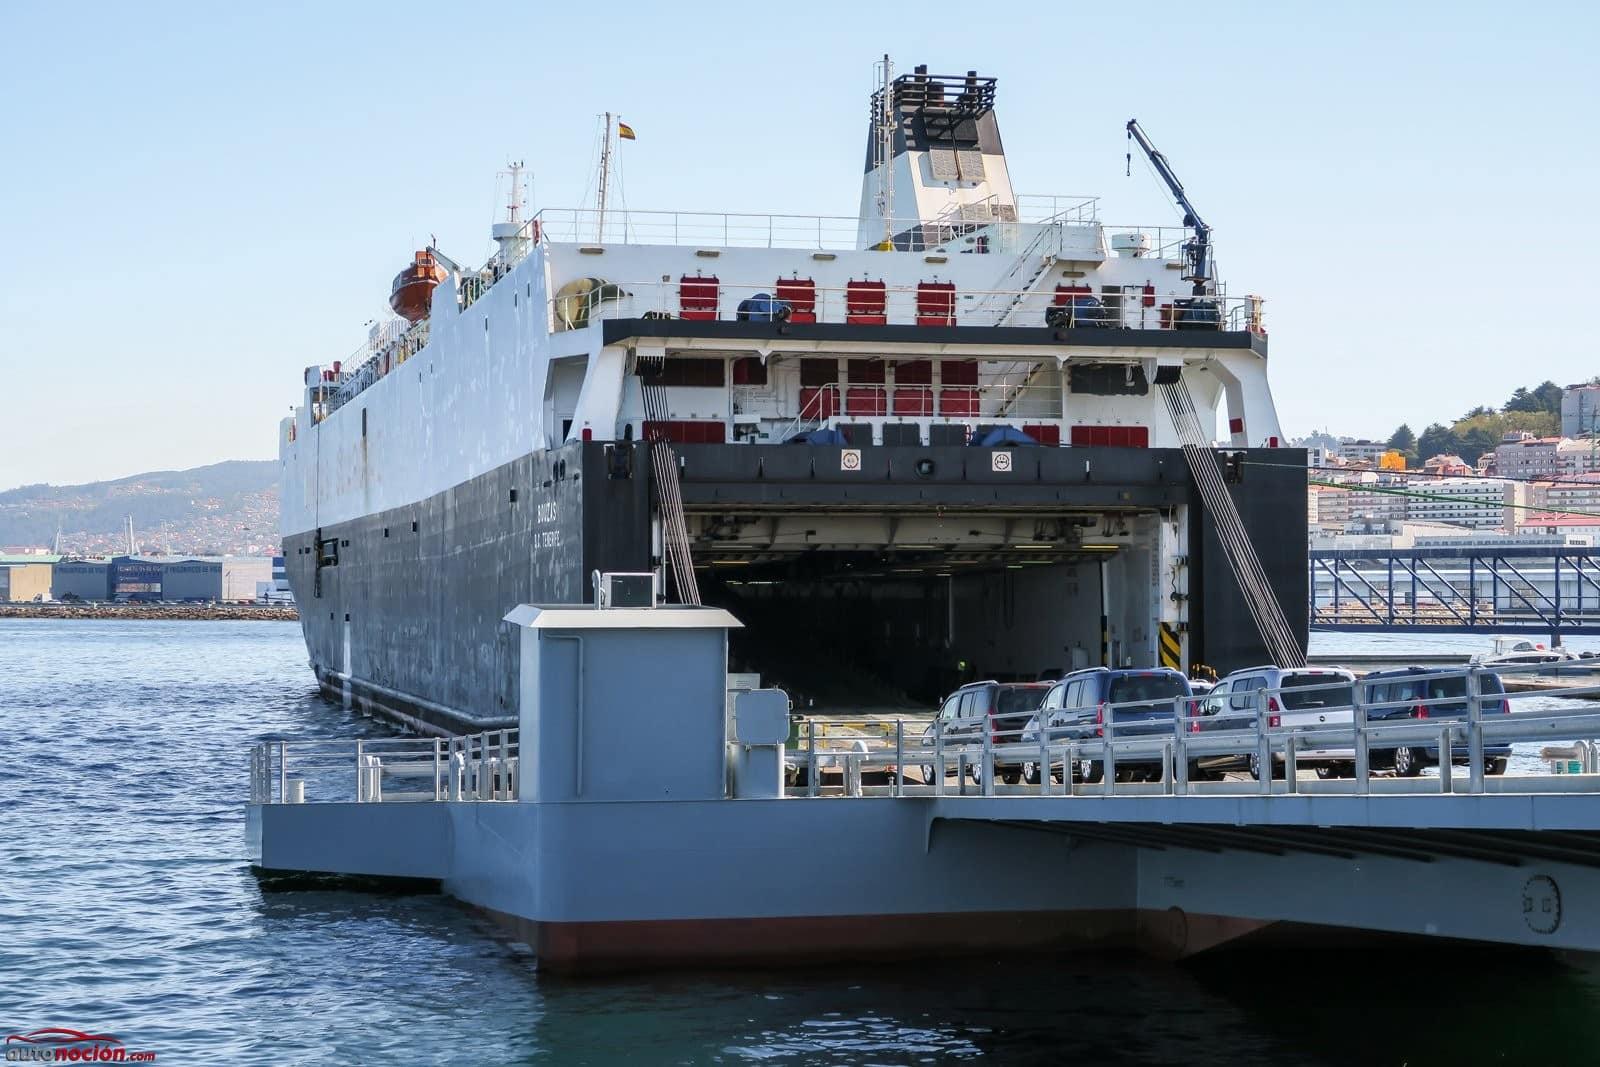 Puedes traer coche de Canarias en barco